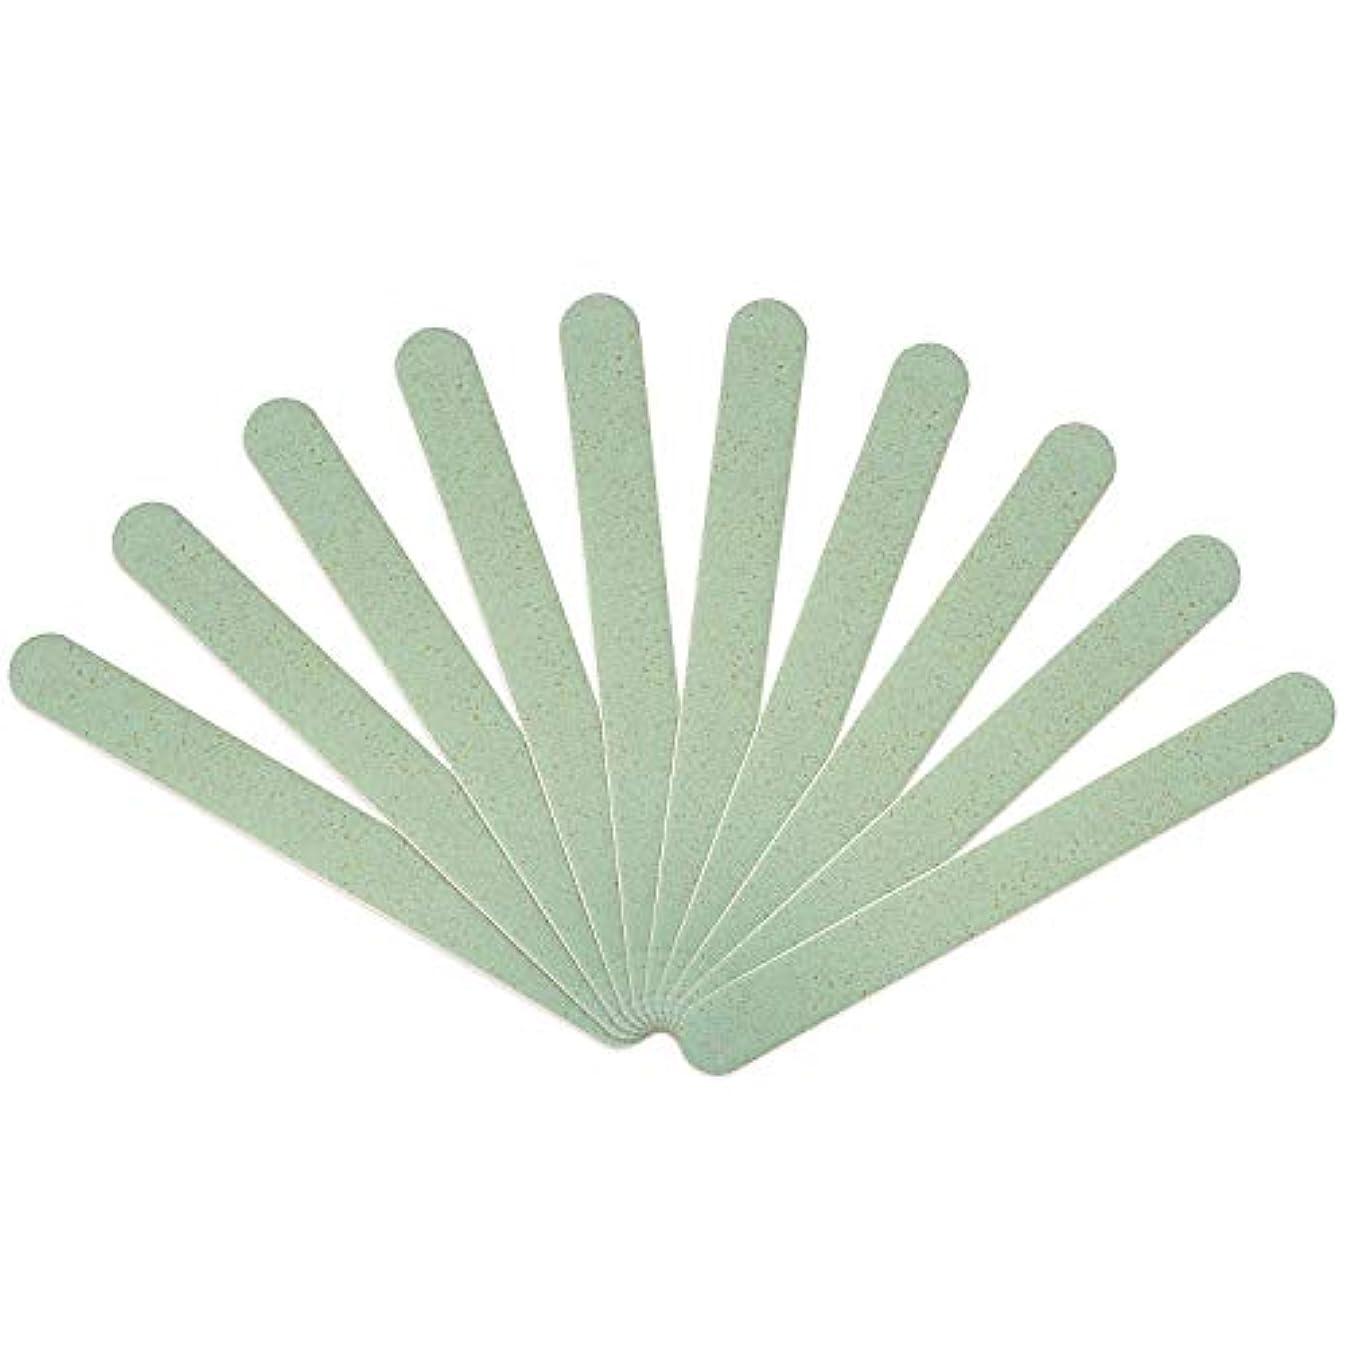 該当する少ない噴出するCIPOWバッファー 爪やすり 爪 磨き ネイルシャイナー 10本入バッファー400/6000グリット ネイルをつやつやに スポンジファイル ソフトファイル ネイルポリッシュファイル